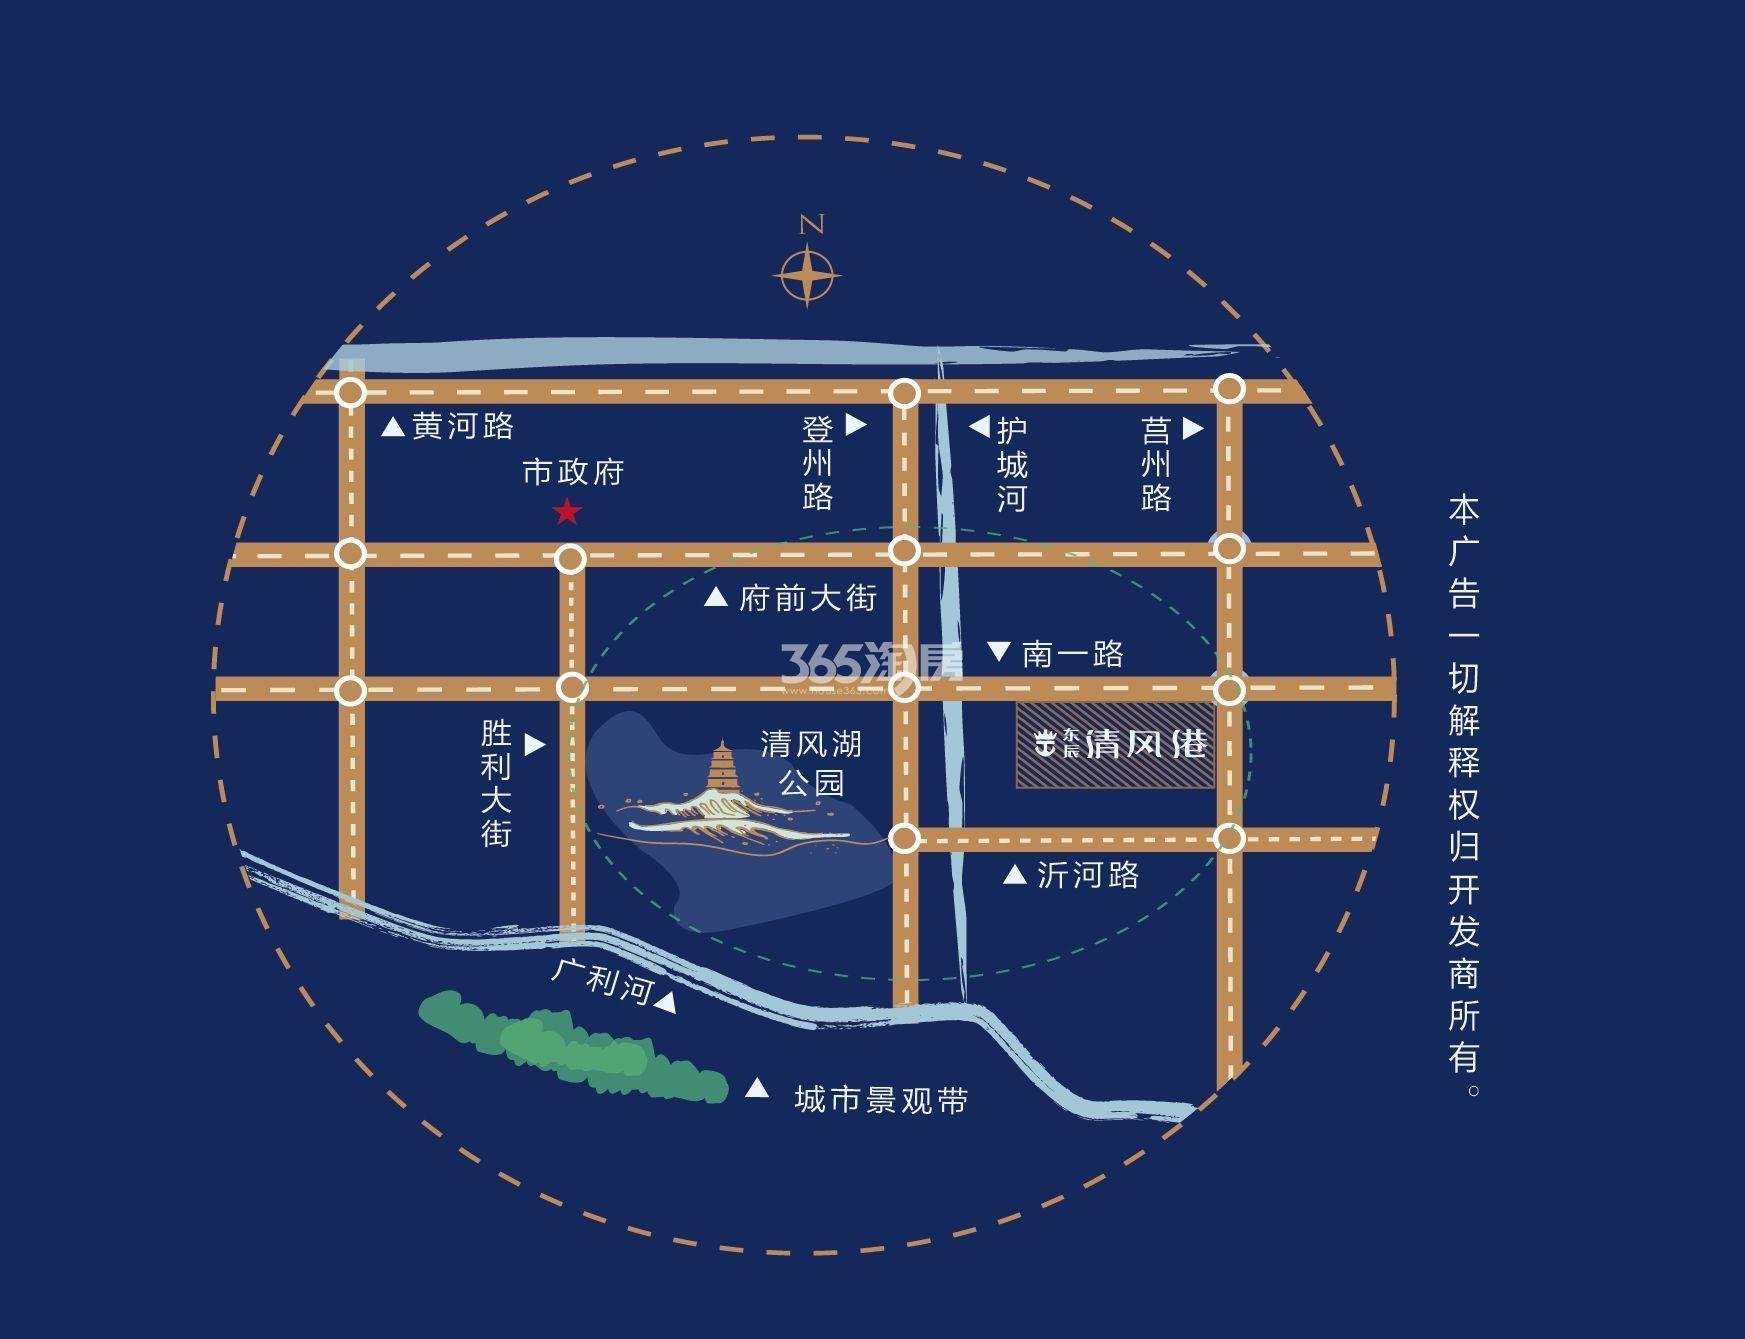 东辰清风港交通图